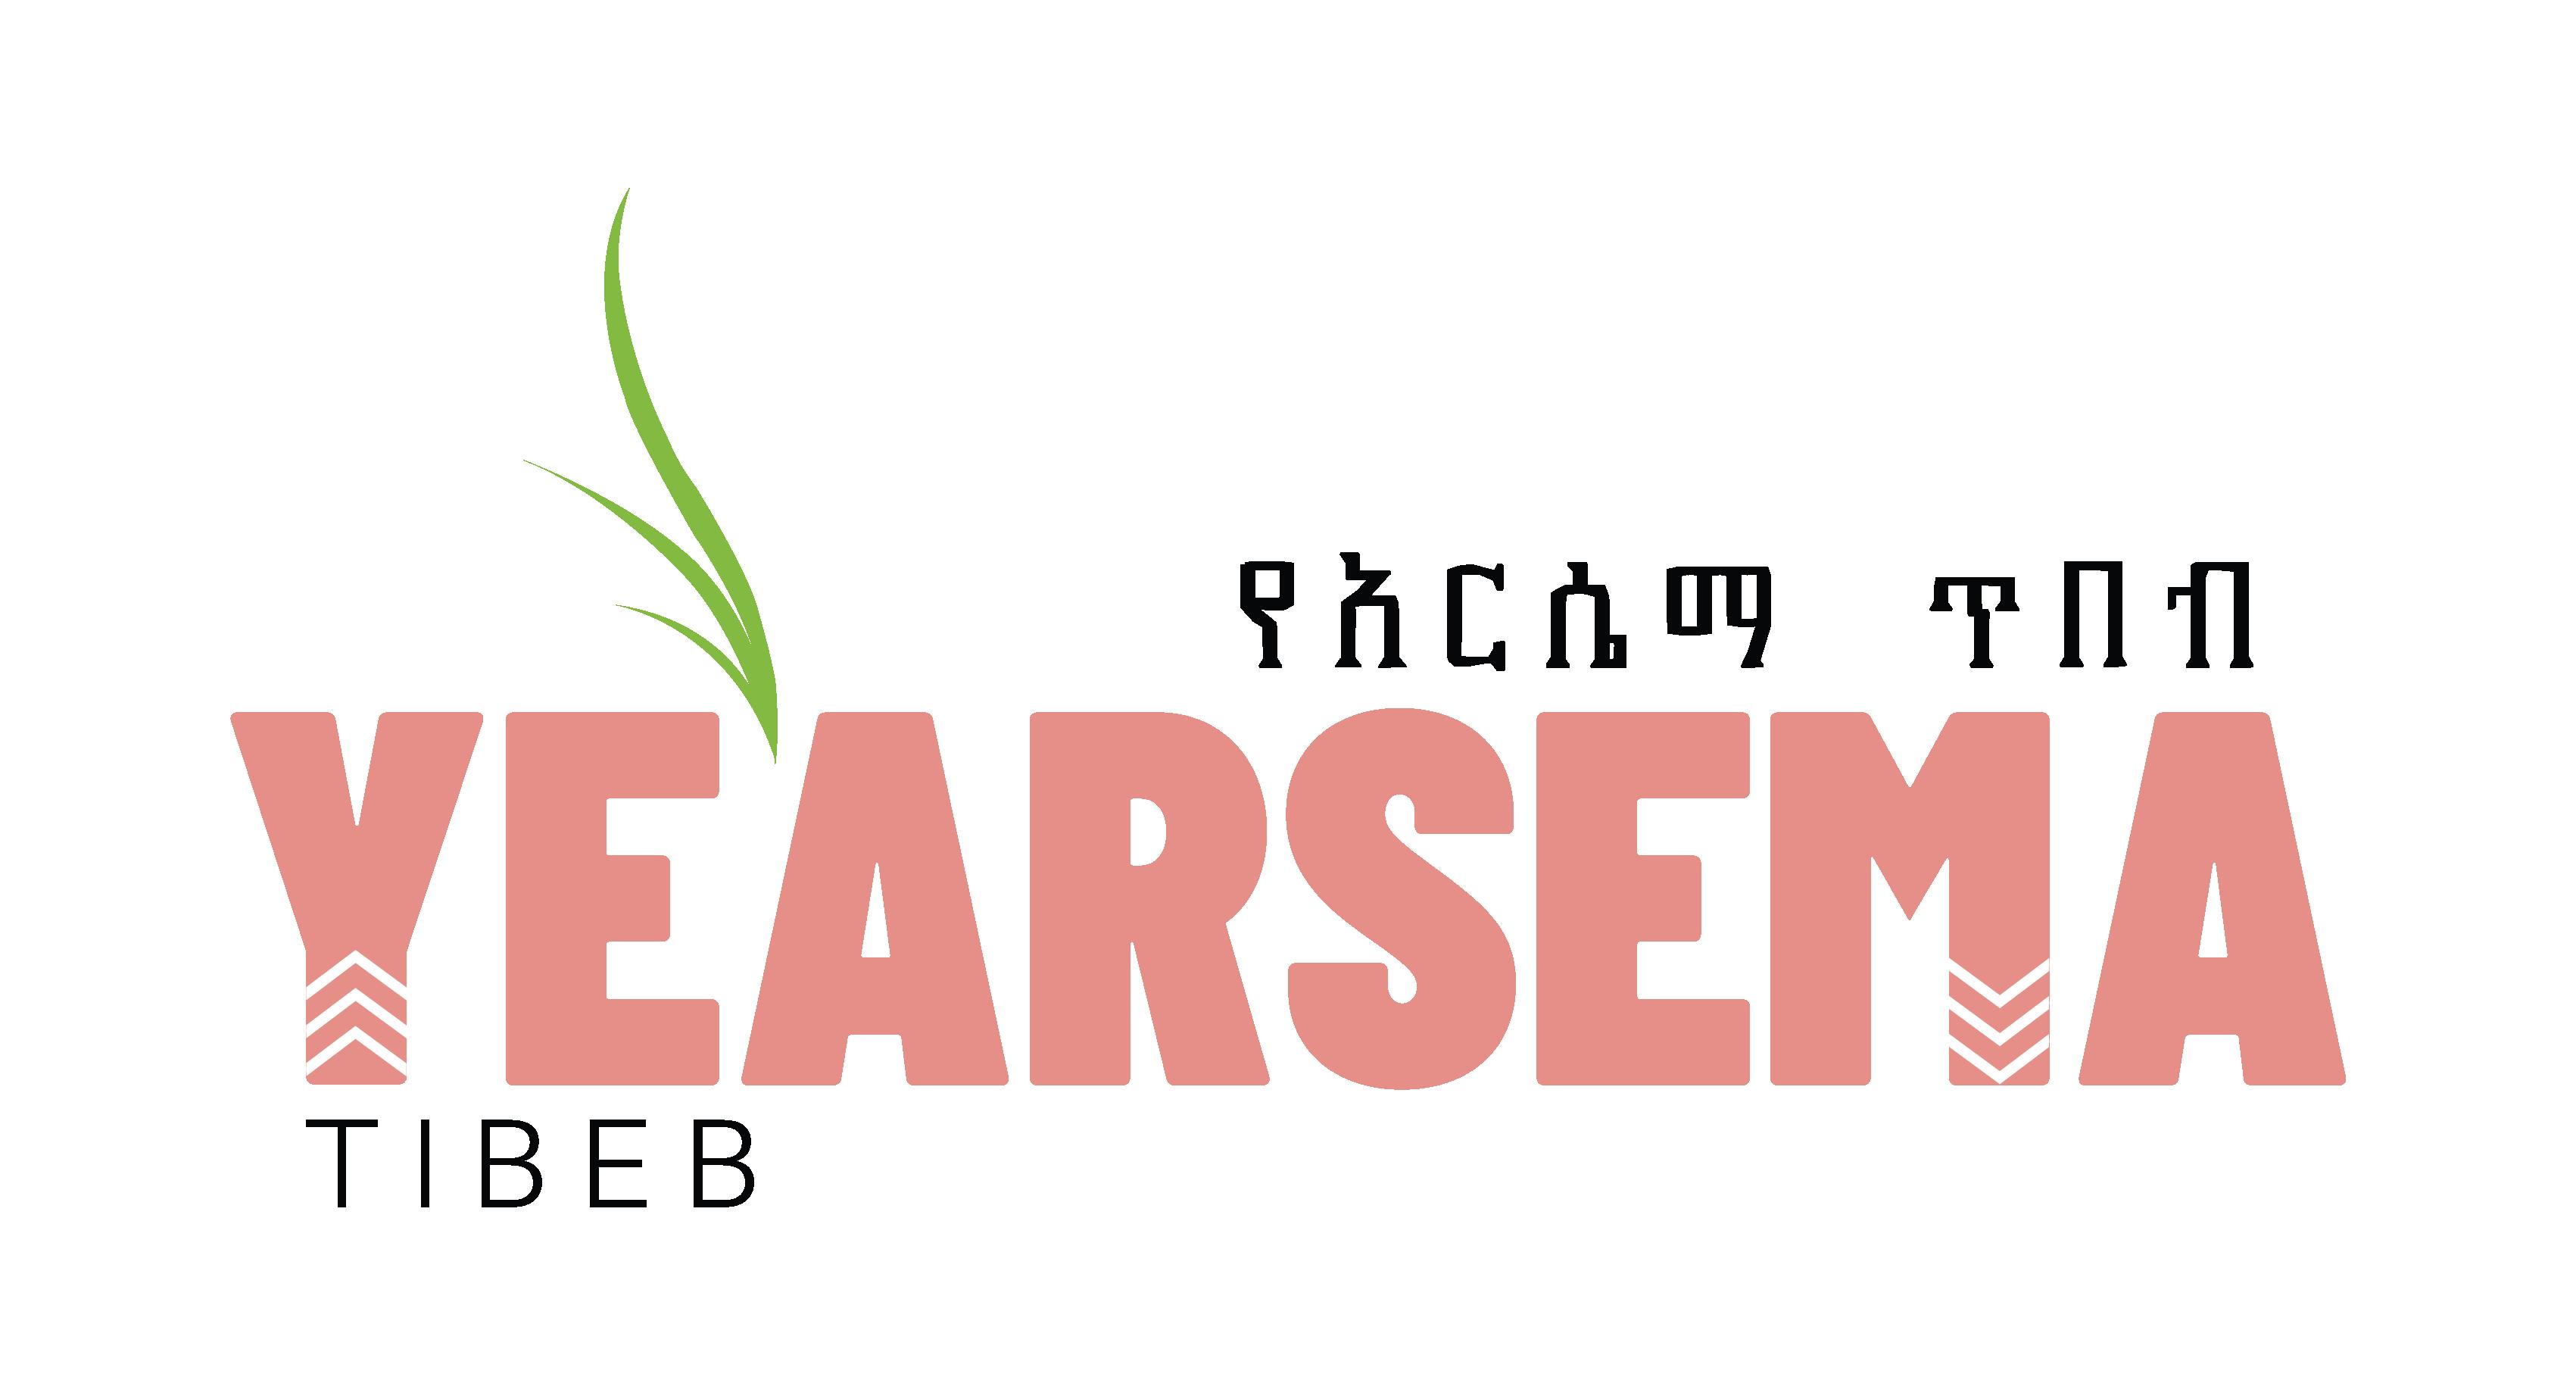 Ye'arsema Tibeb